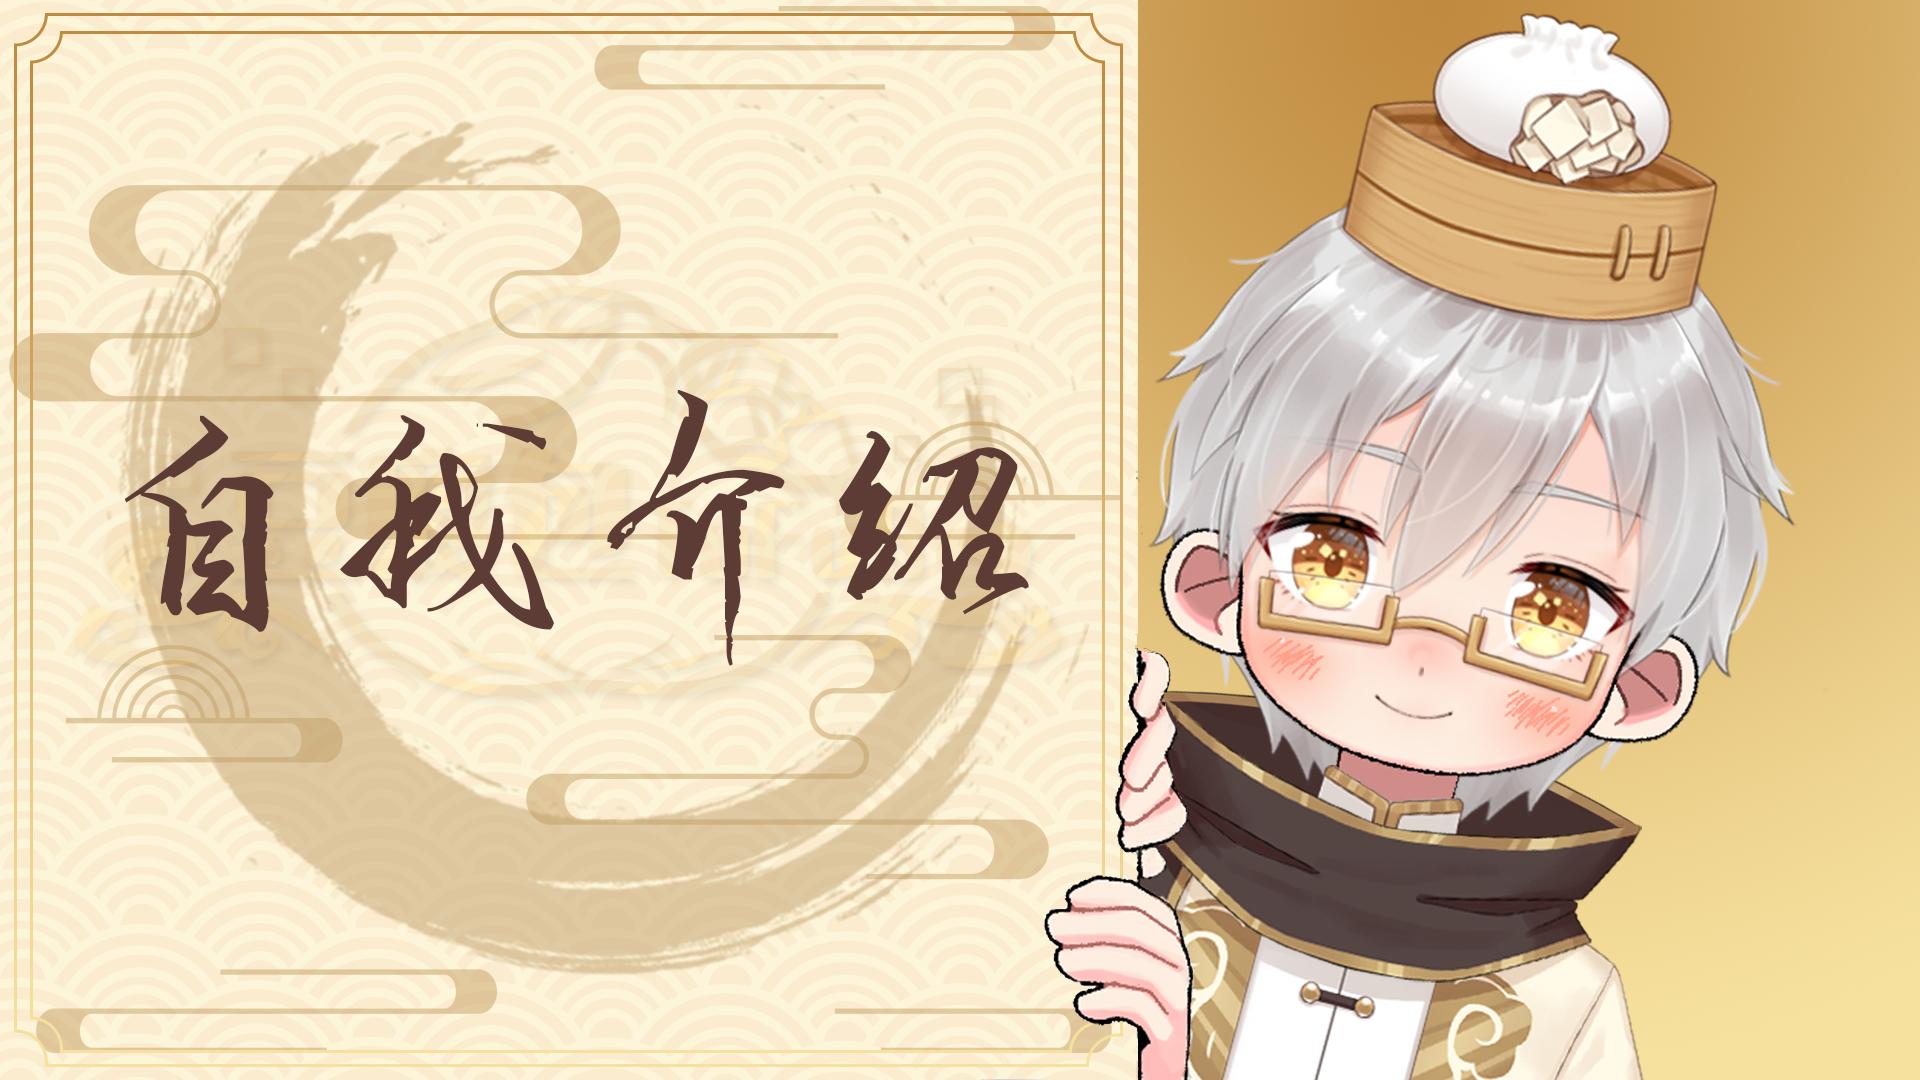 #01#【自我介绍】胖友,包子要伐~